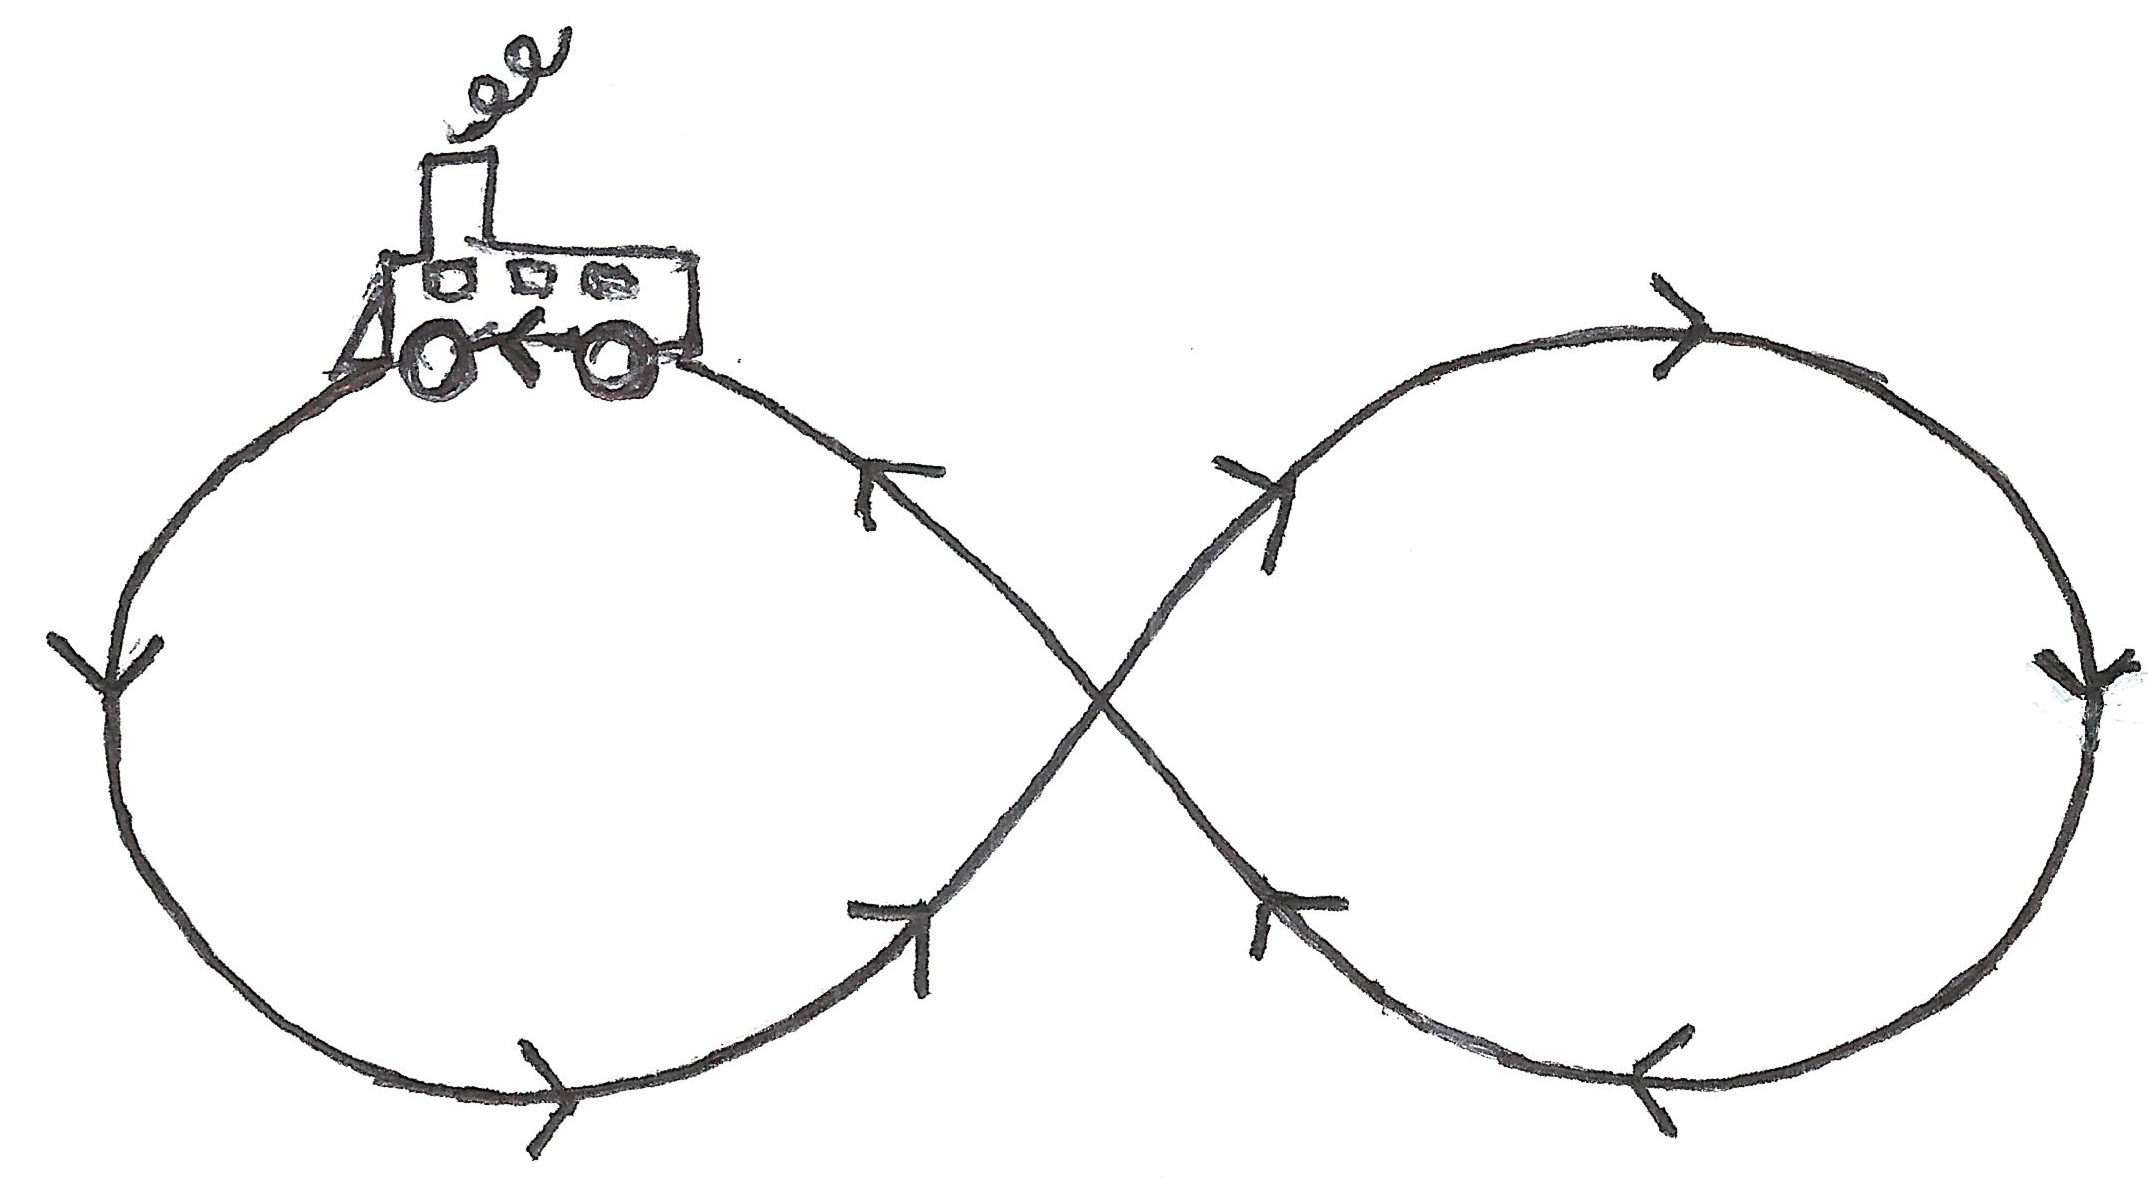 The Figure Eight Infinity Swing